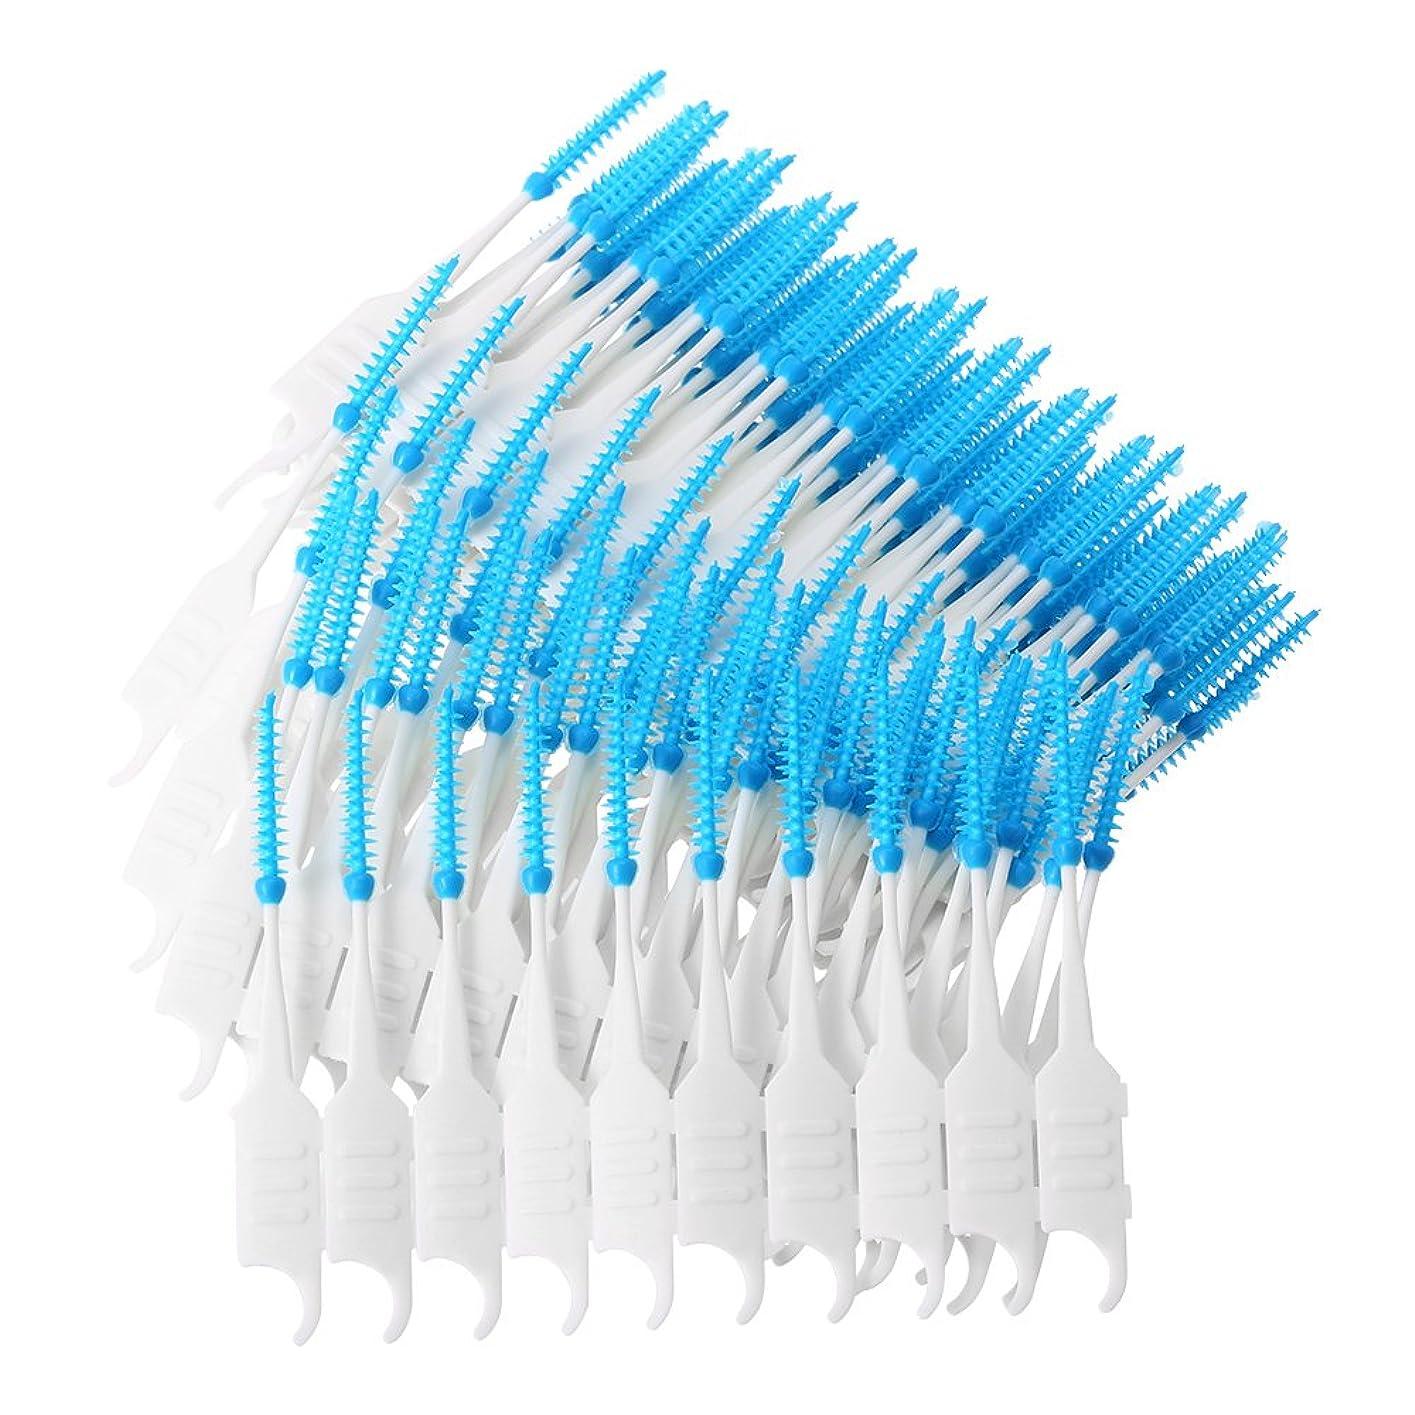 音節クローン合図Decdeal 200個/箱 デンタルフロス 歯間ブラシ 歯スティック 軟質シリコーン ダブルエンド トゥースピックオーラルケア